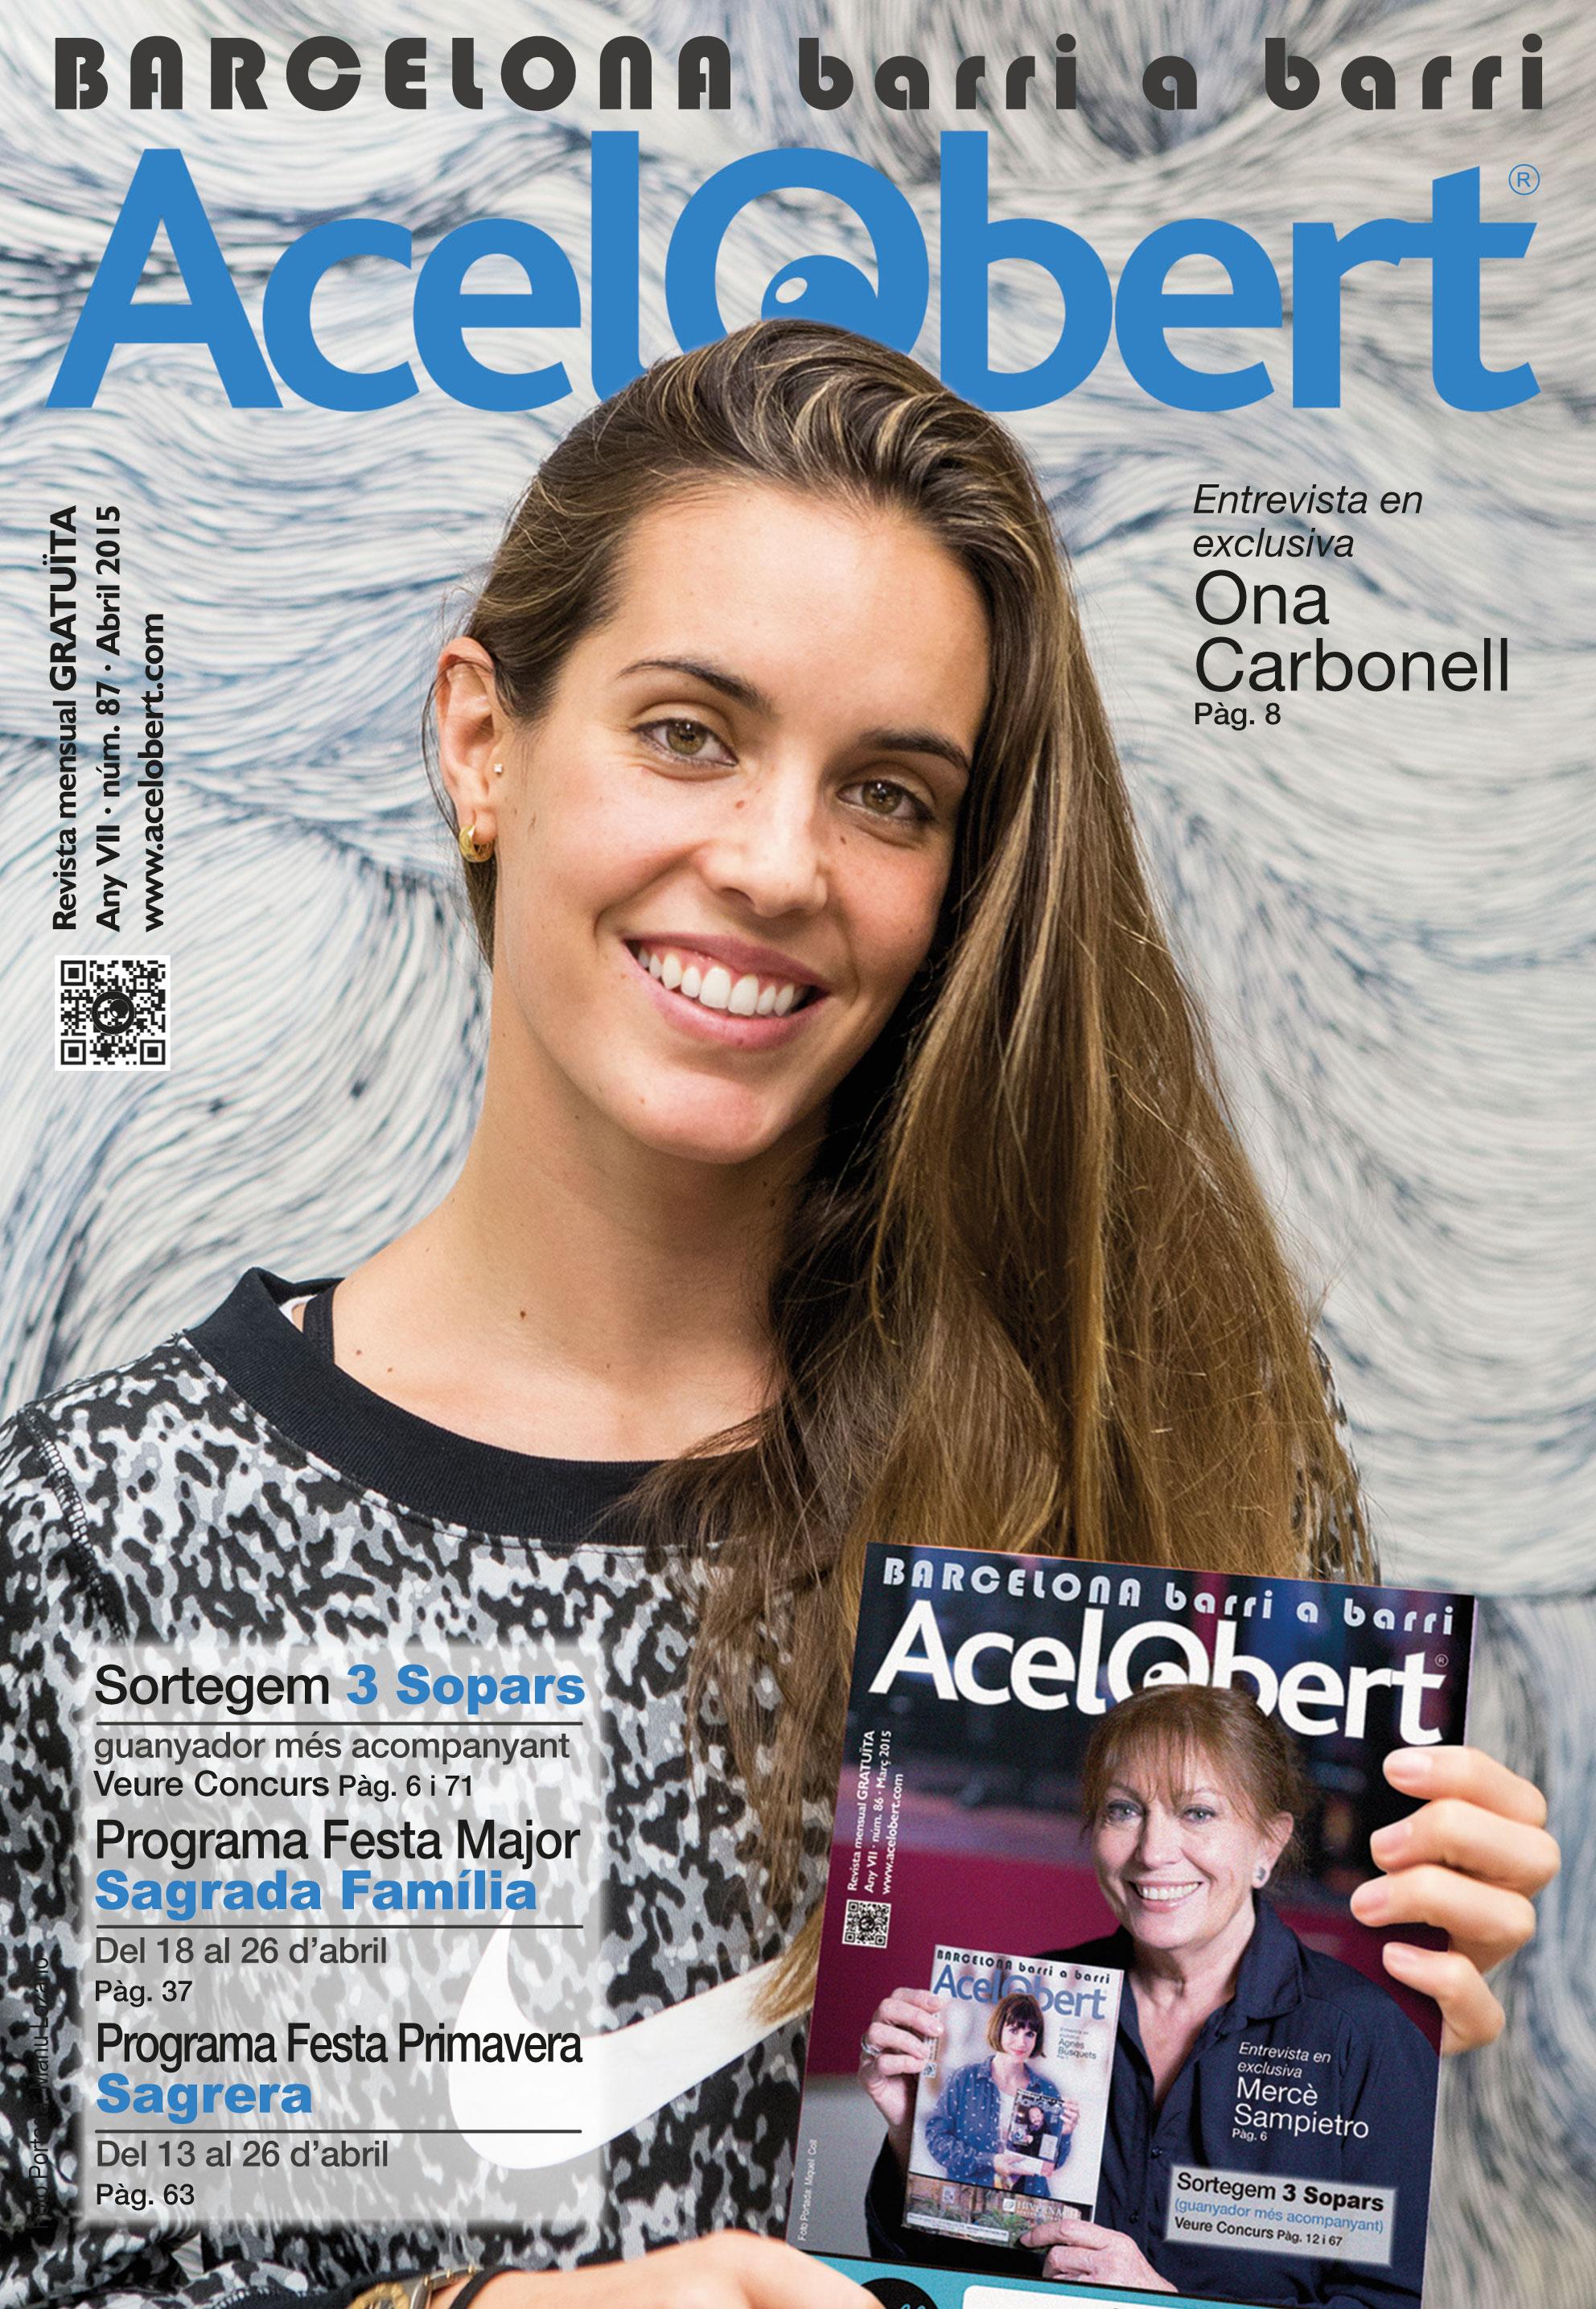 Acelobert Barcelona nº87 Abril 2015